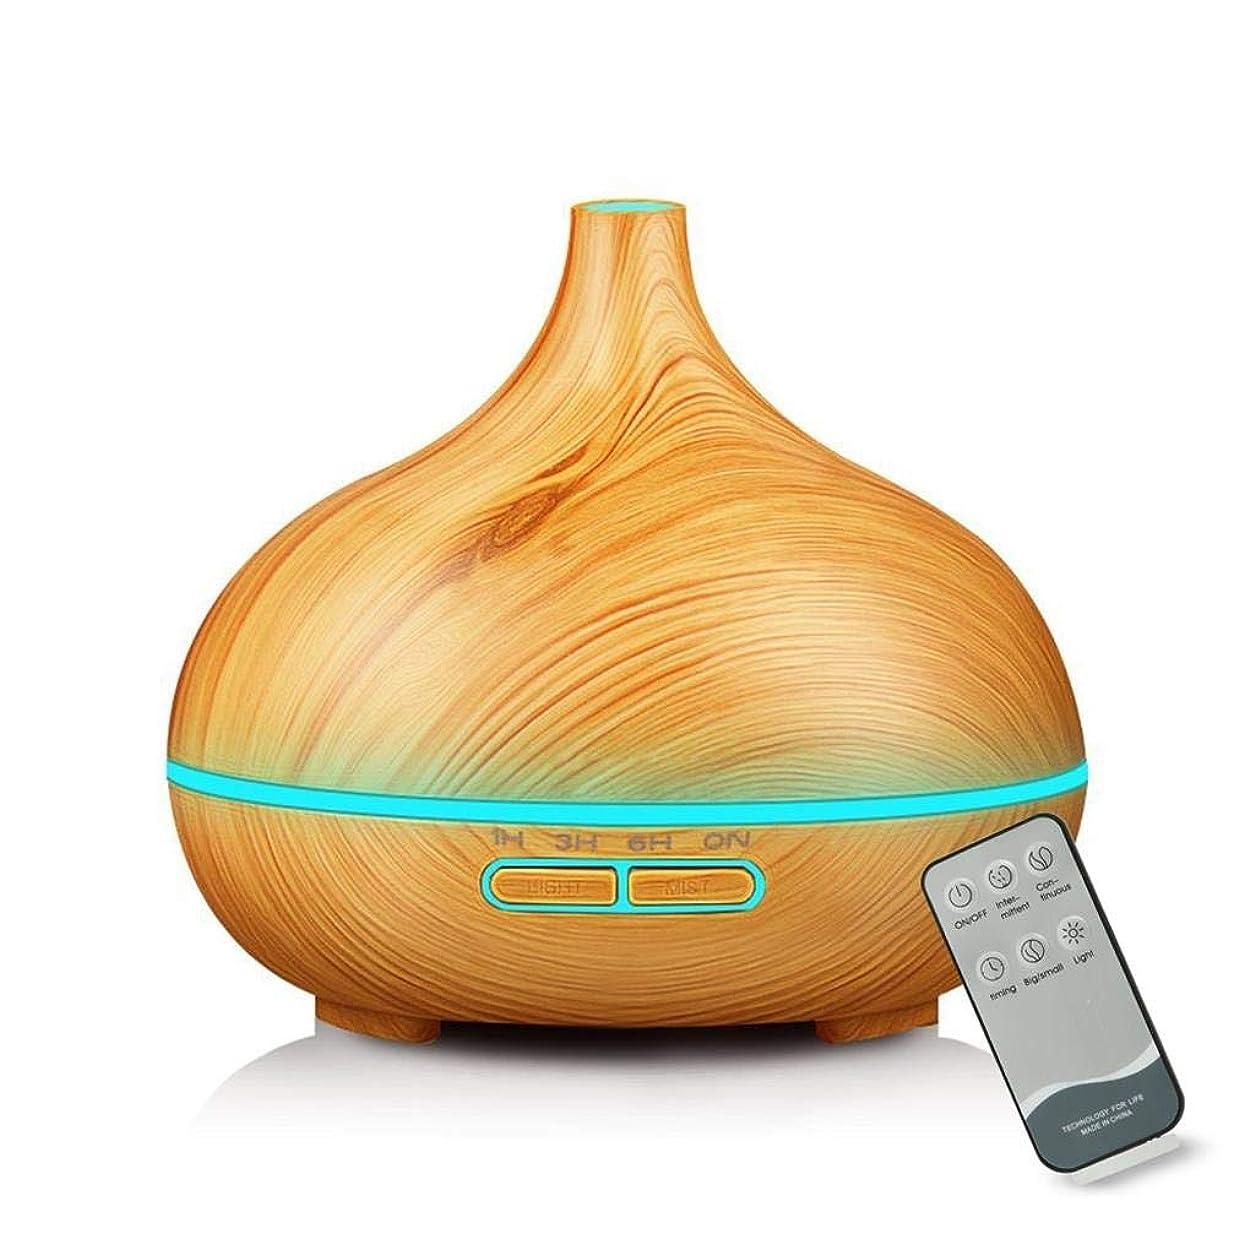 ブロックする符号広げるエッセンシャルオイルディフューザー ミスト アロマ フレグランス 癒し リラックス 調光 LED 寝室 (Color : Light peach)